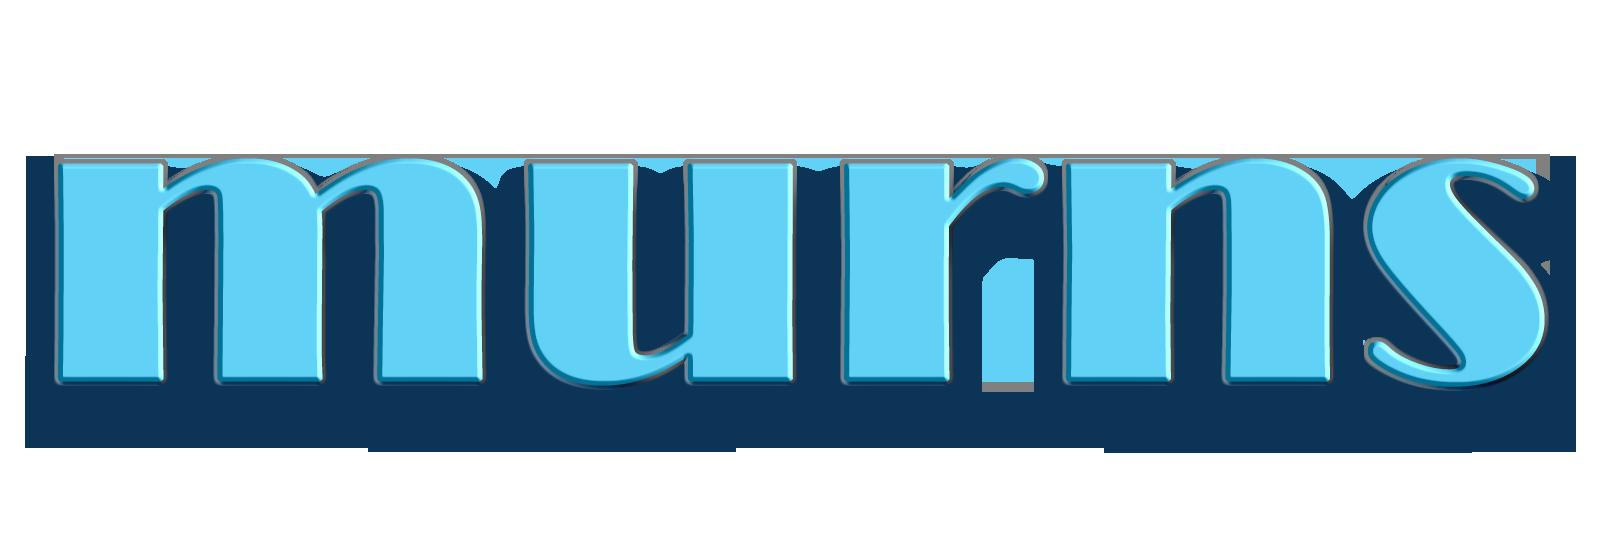 murns.com